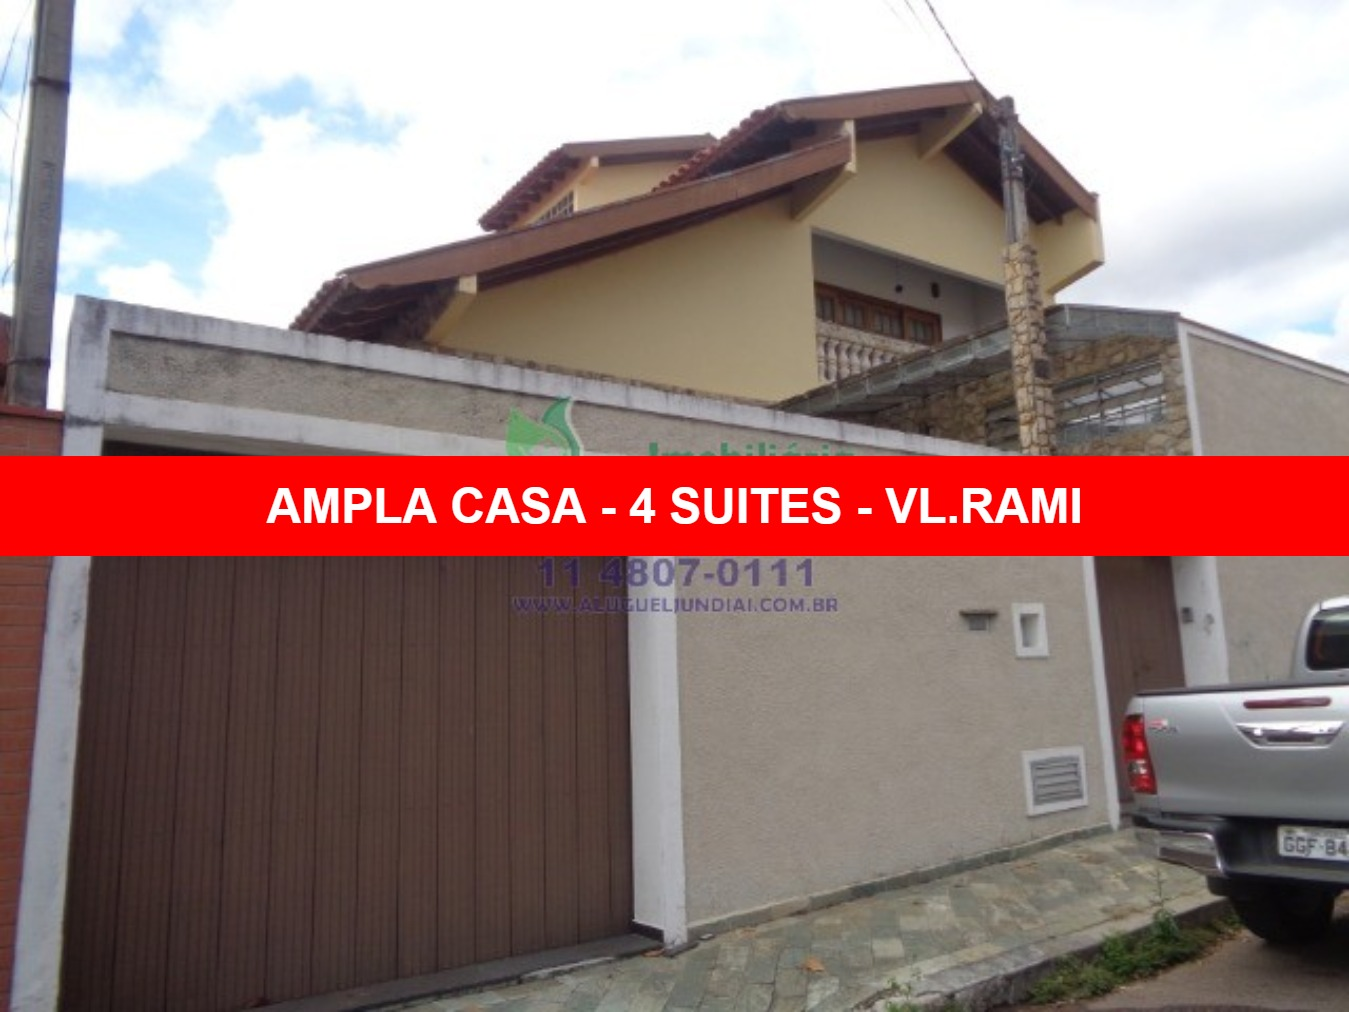 Excelente casa para locação em Jundiaí, com 490 m² de área construída, 04 dormitórios, sendo 04 suites (1 master) com armários, 02 cozinhas planejadas